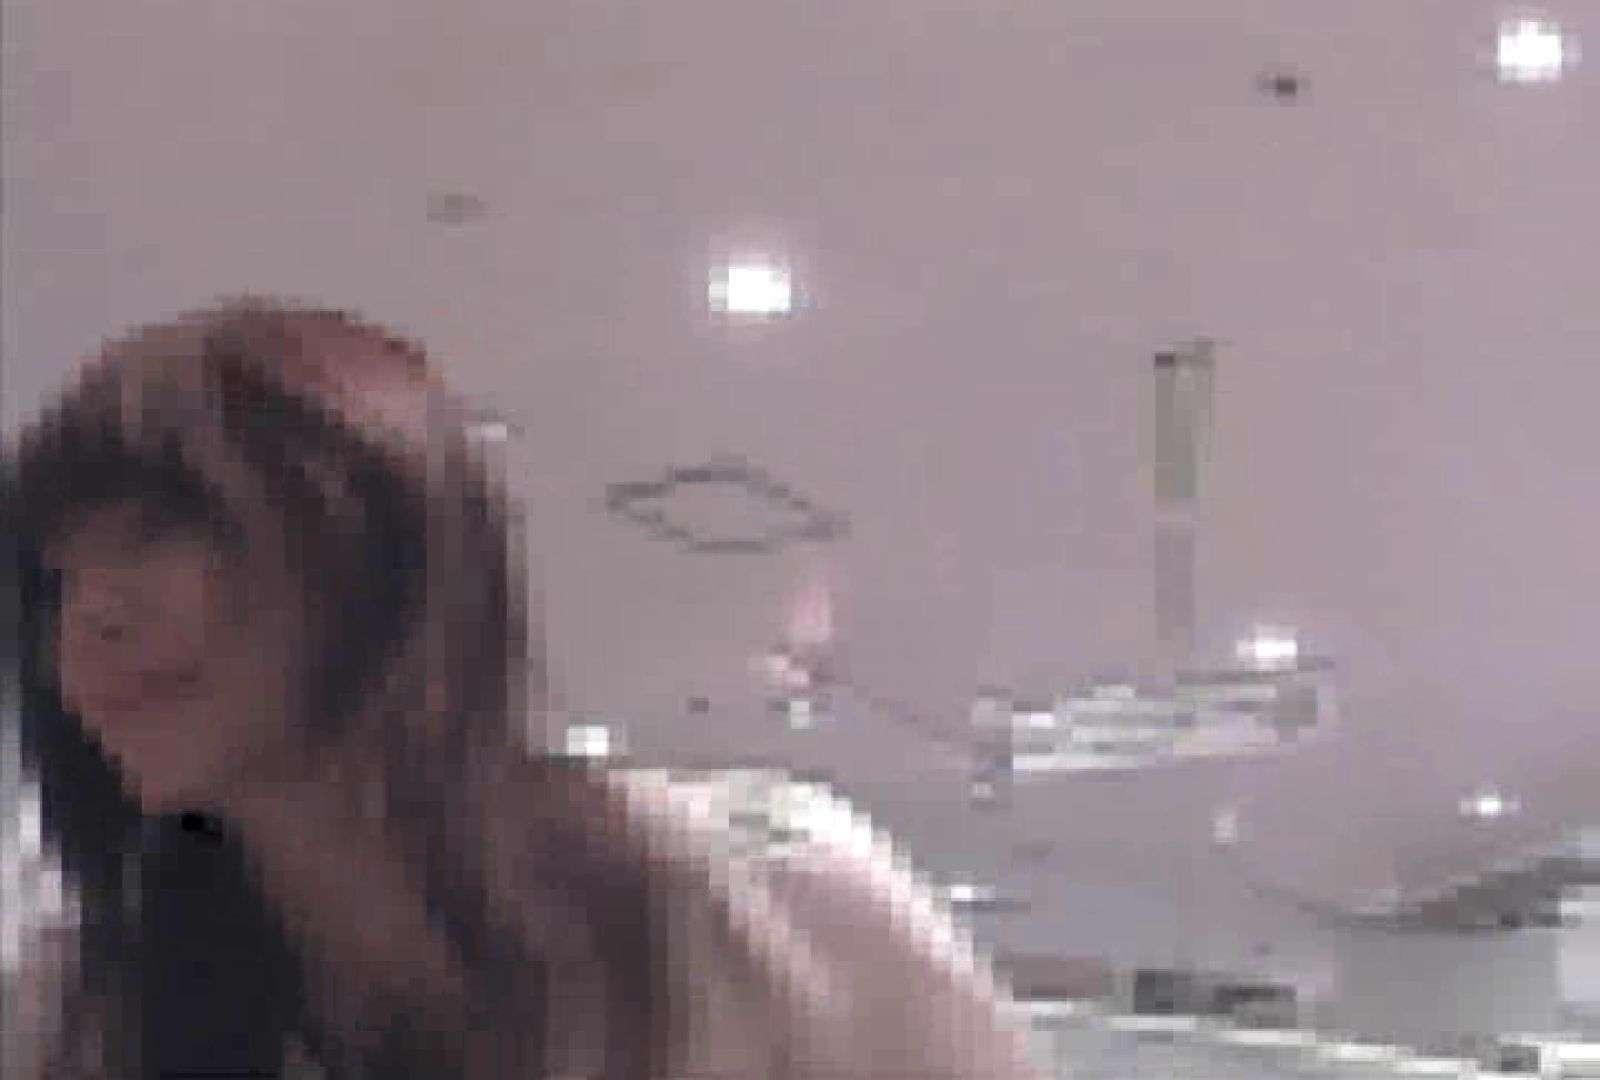 ショップ店員のパンチラアクシデント Vol.24 OLセックス 覗きワレメ動画紹介 98画像 82